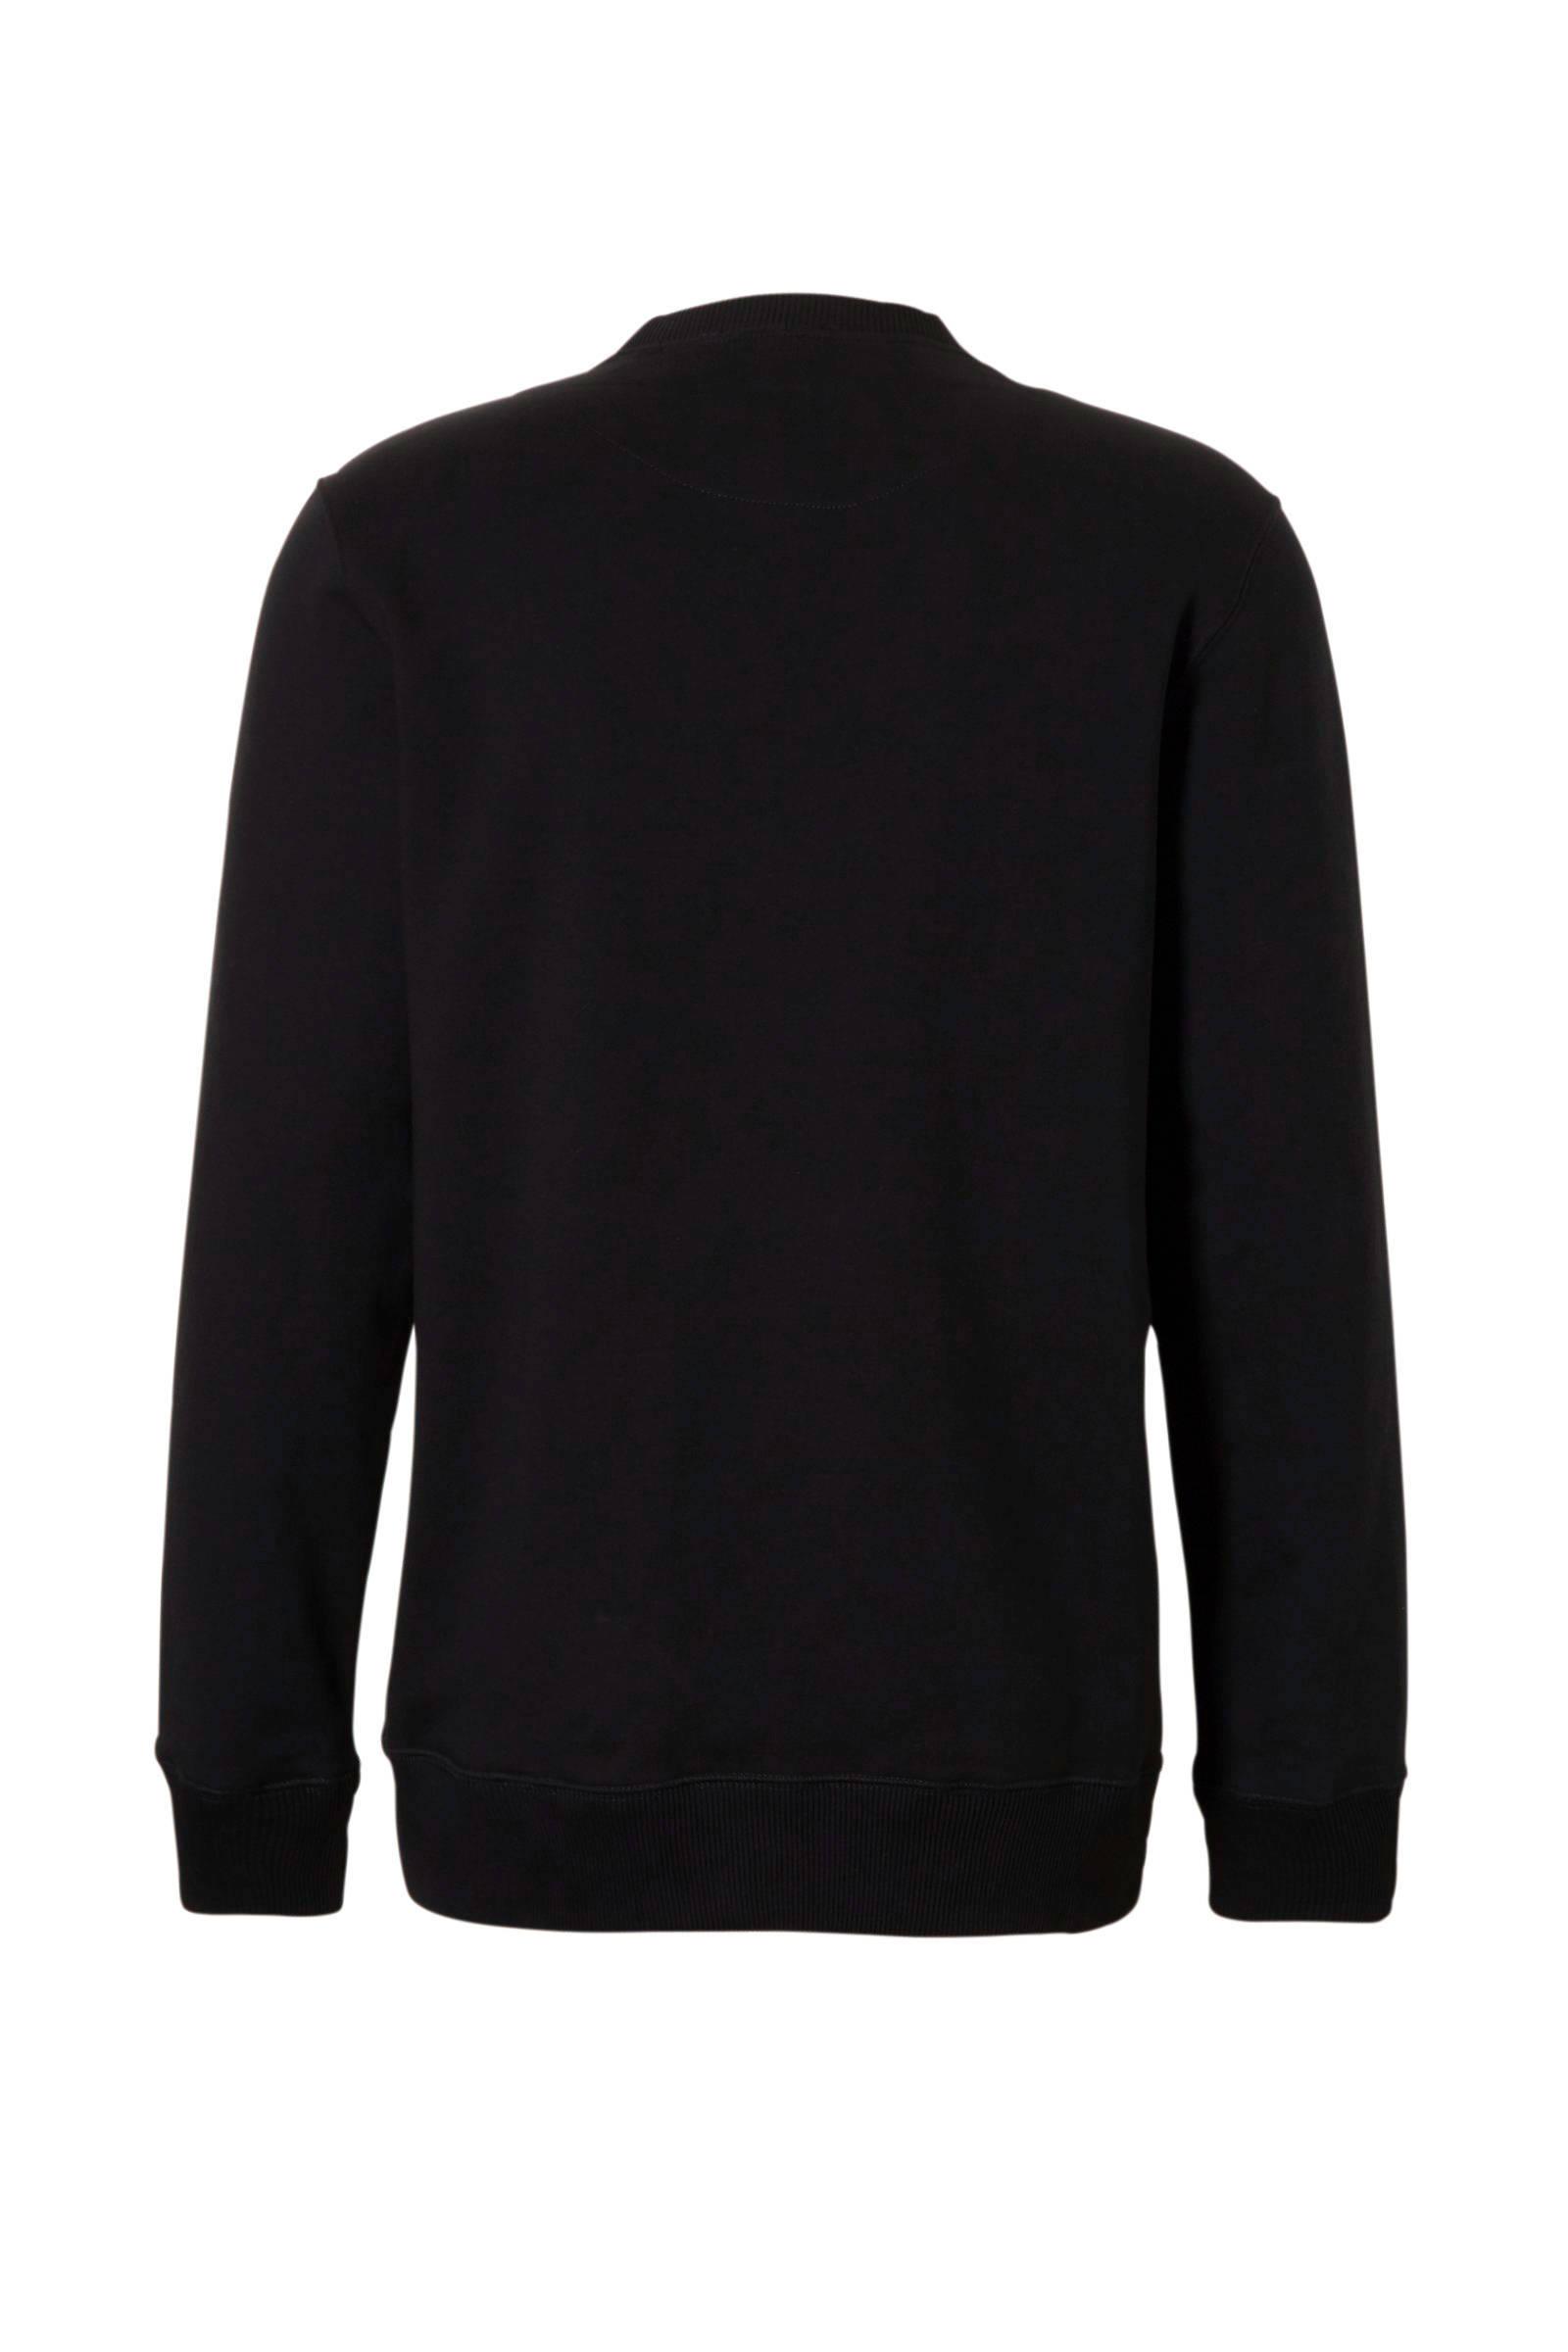 sweater Diesel Diesel met logo sweater sweater logo met Diesel met TOr0Tq